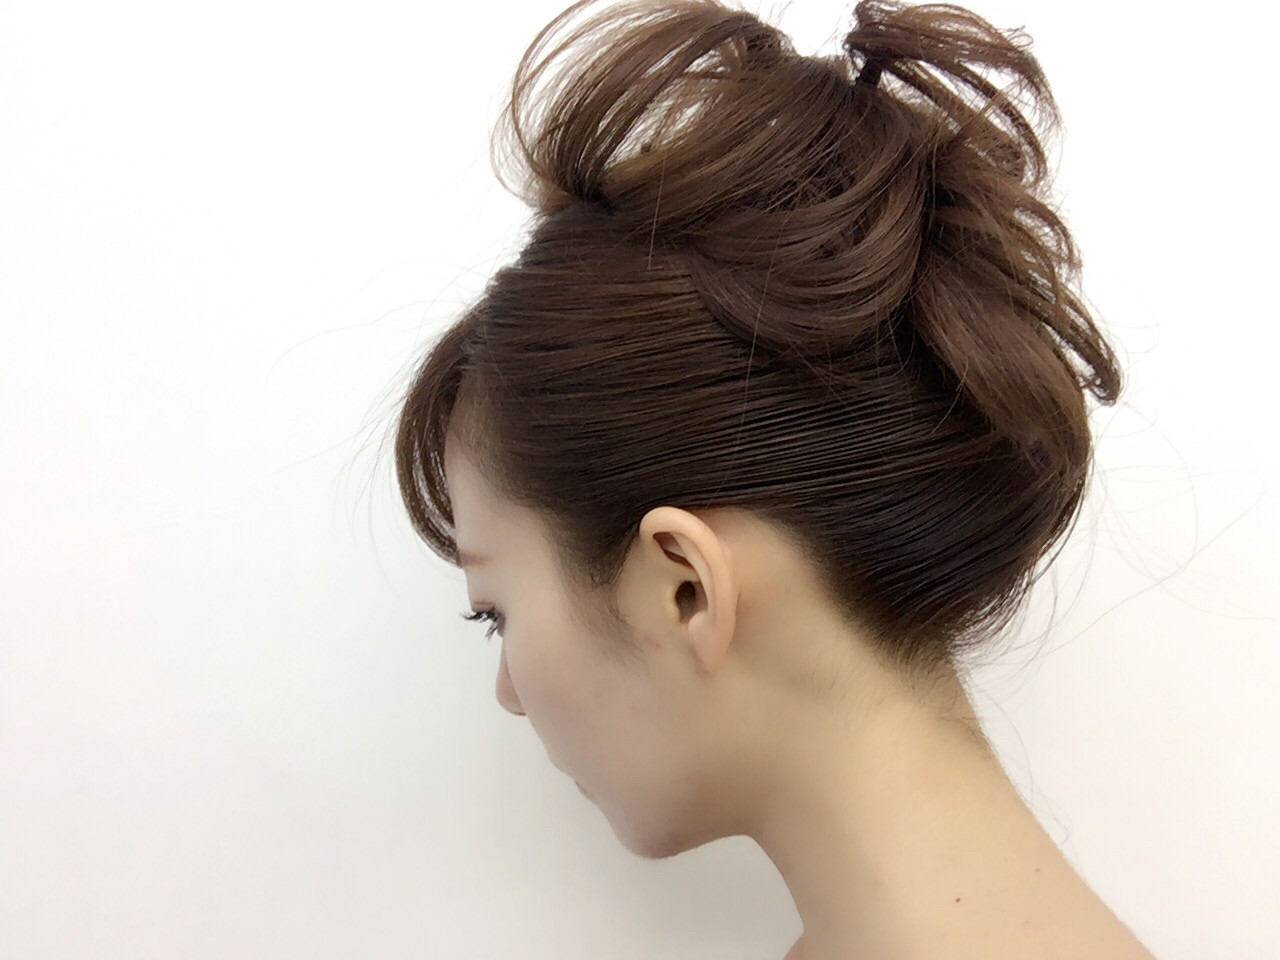 ヘアアレンジ モード 夜会巻 大人女子 ヘアスタイルや髪型の写真・画像